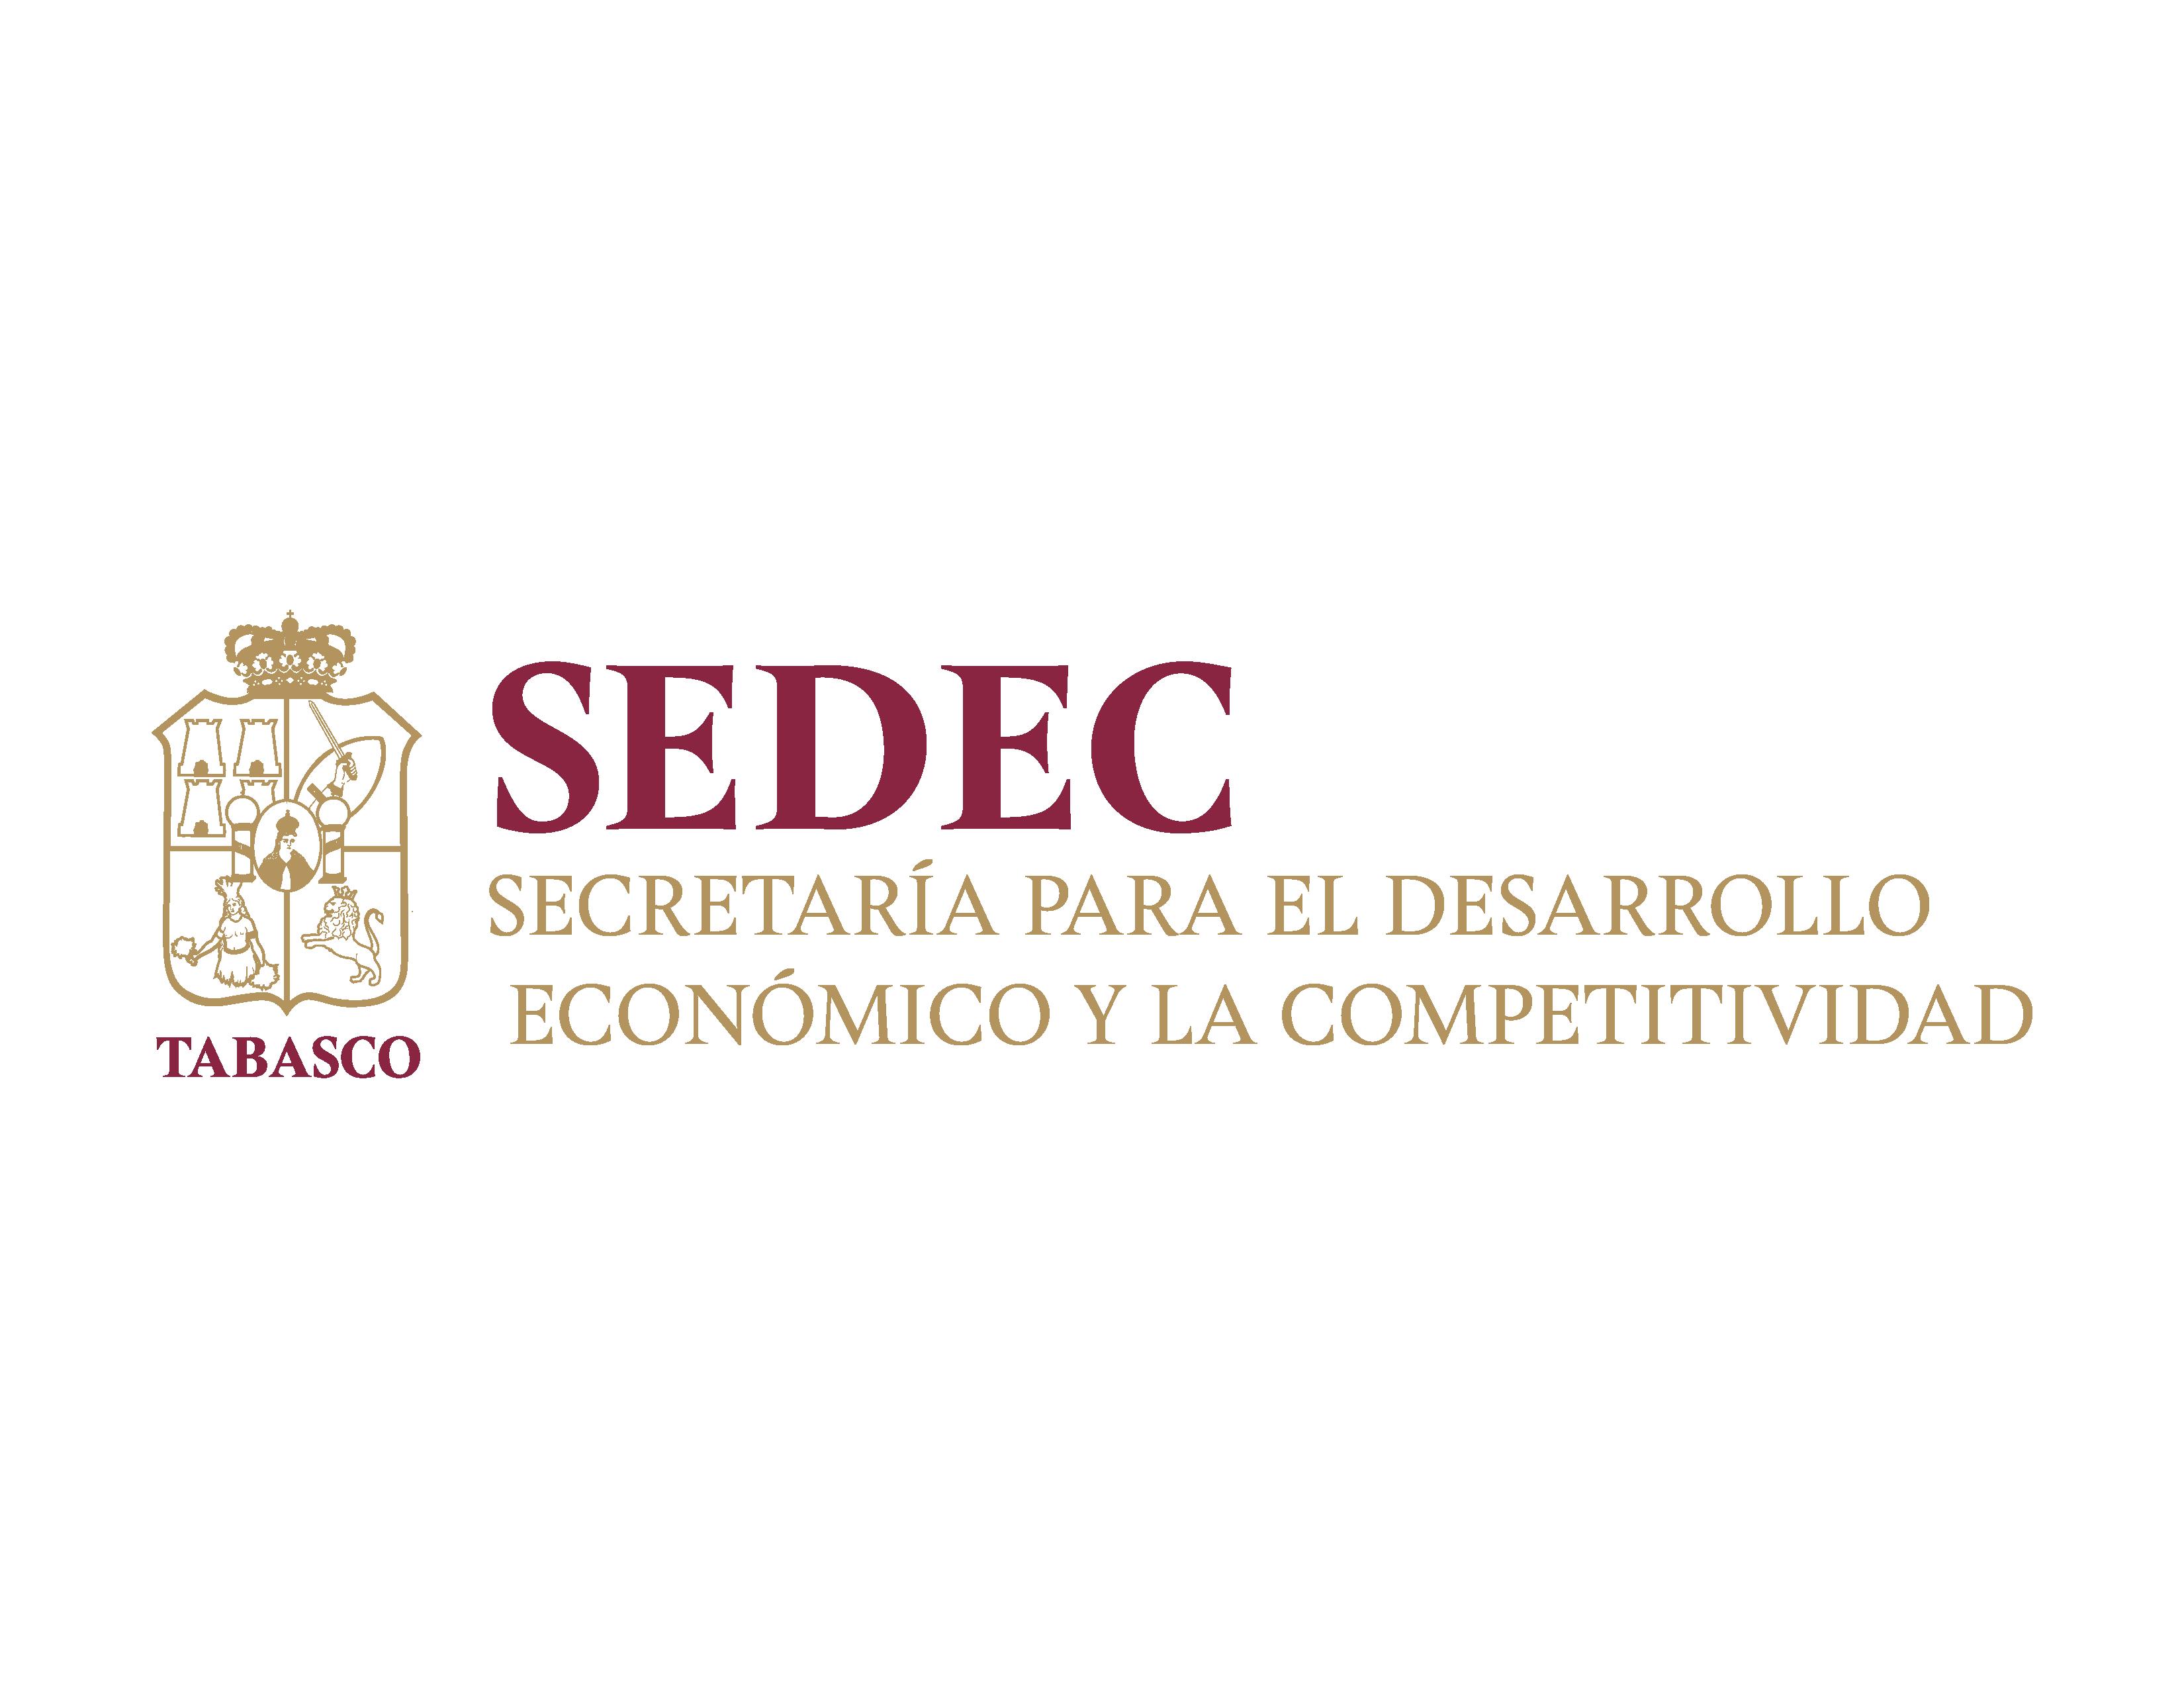 SEDEC_TABASCO - logo-01